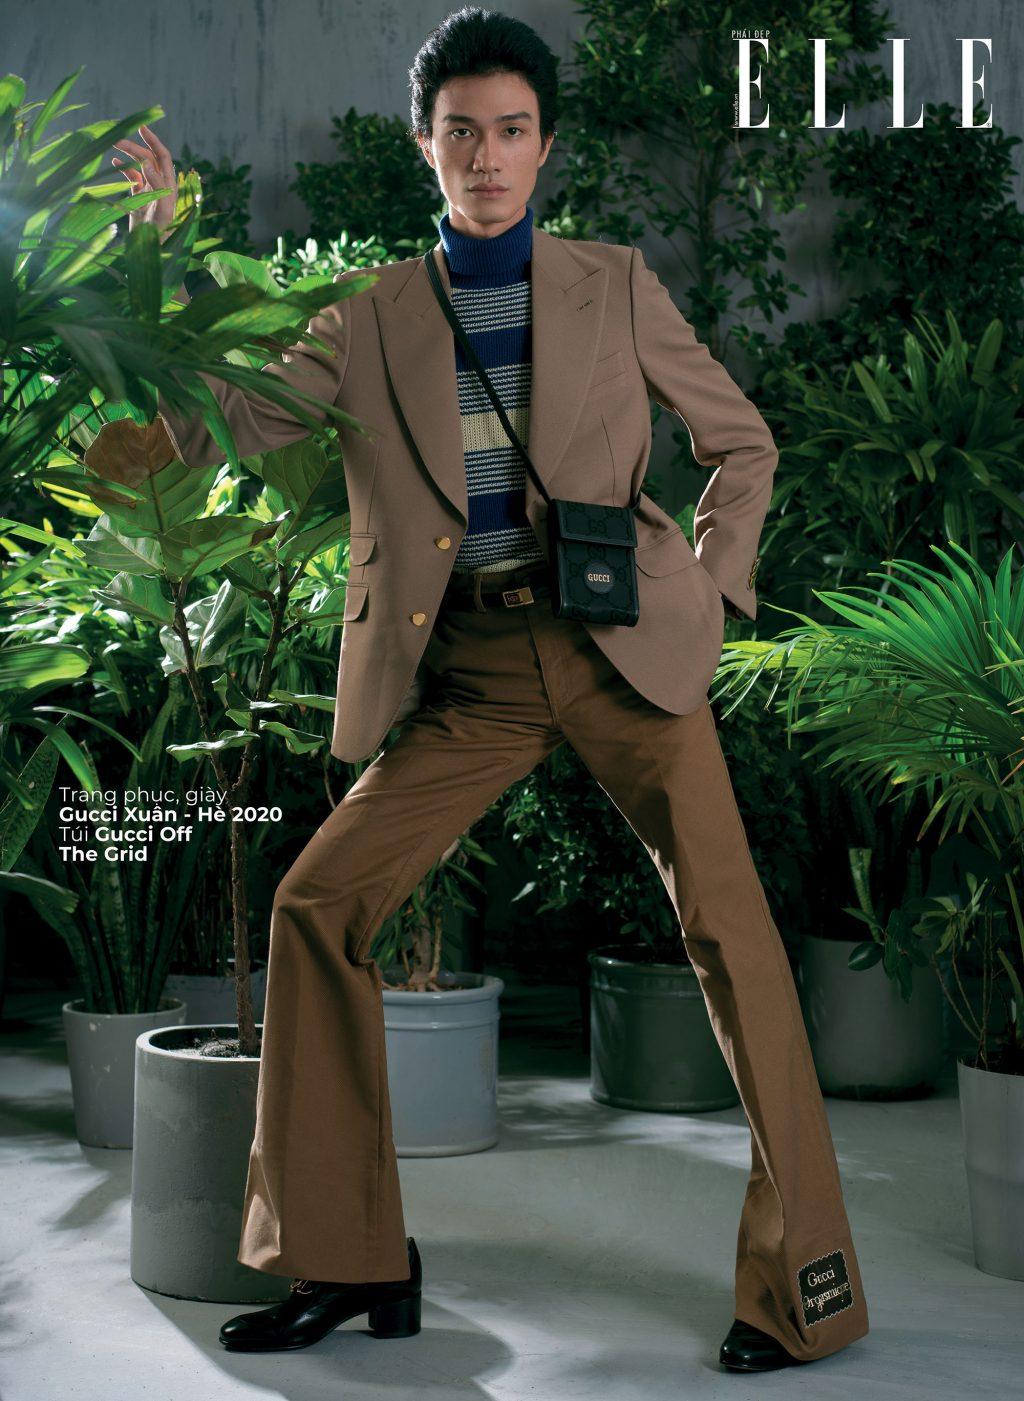 Gucci Off The Grid trang phục cho nam